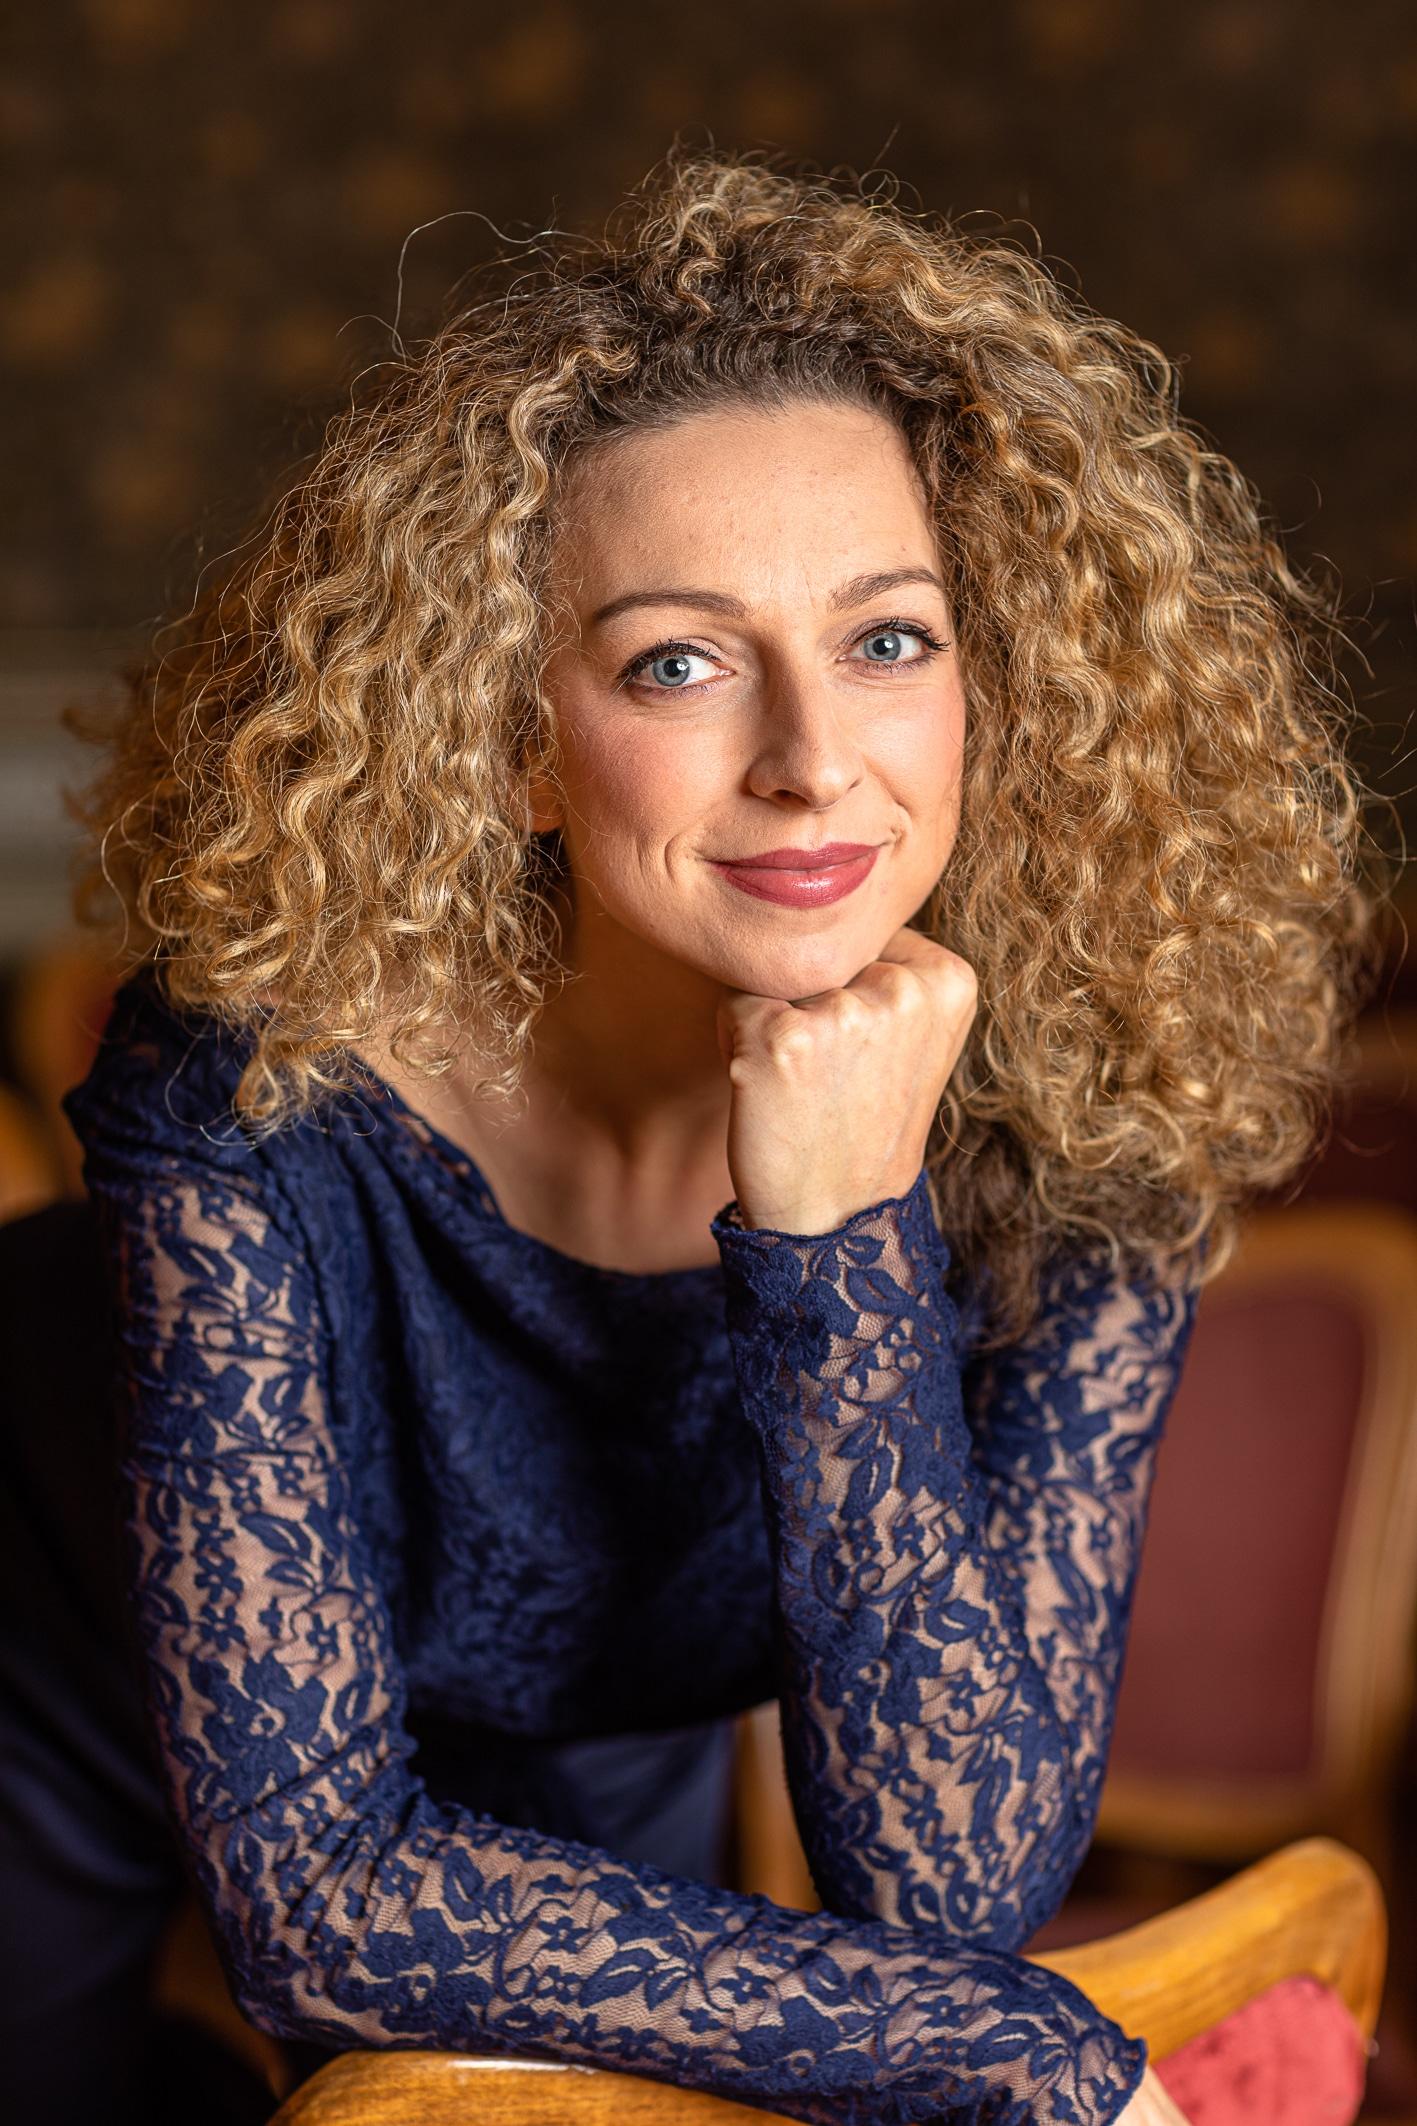 Sophia Maeno